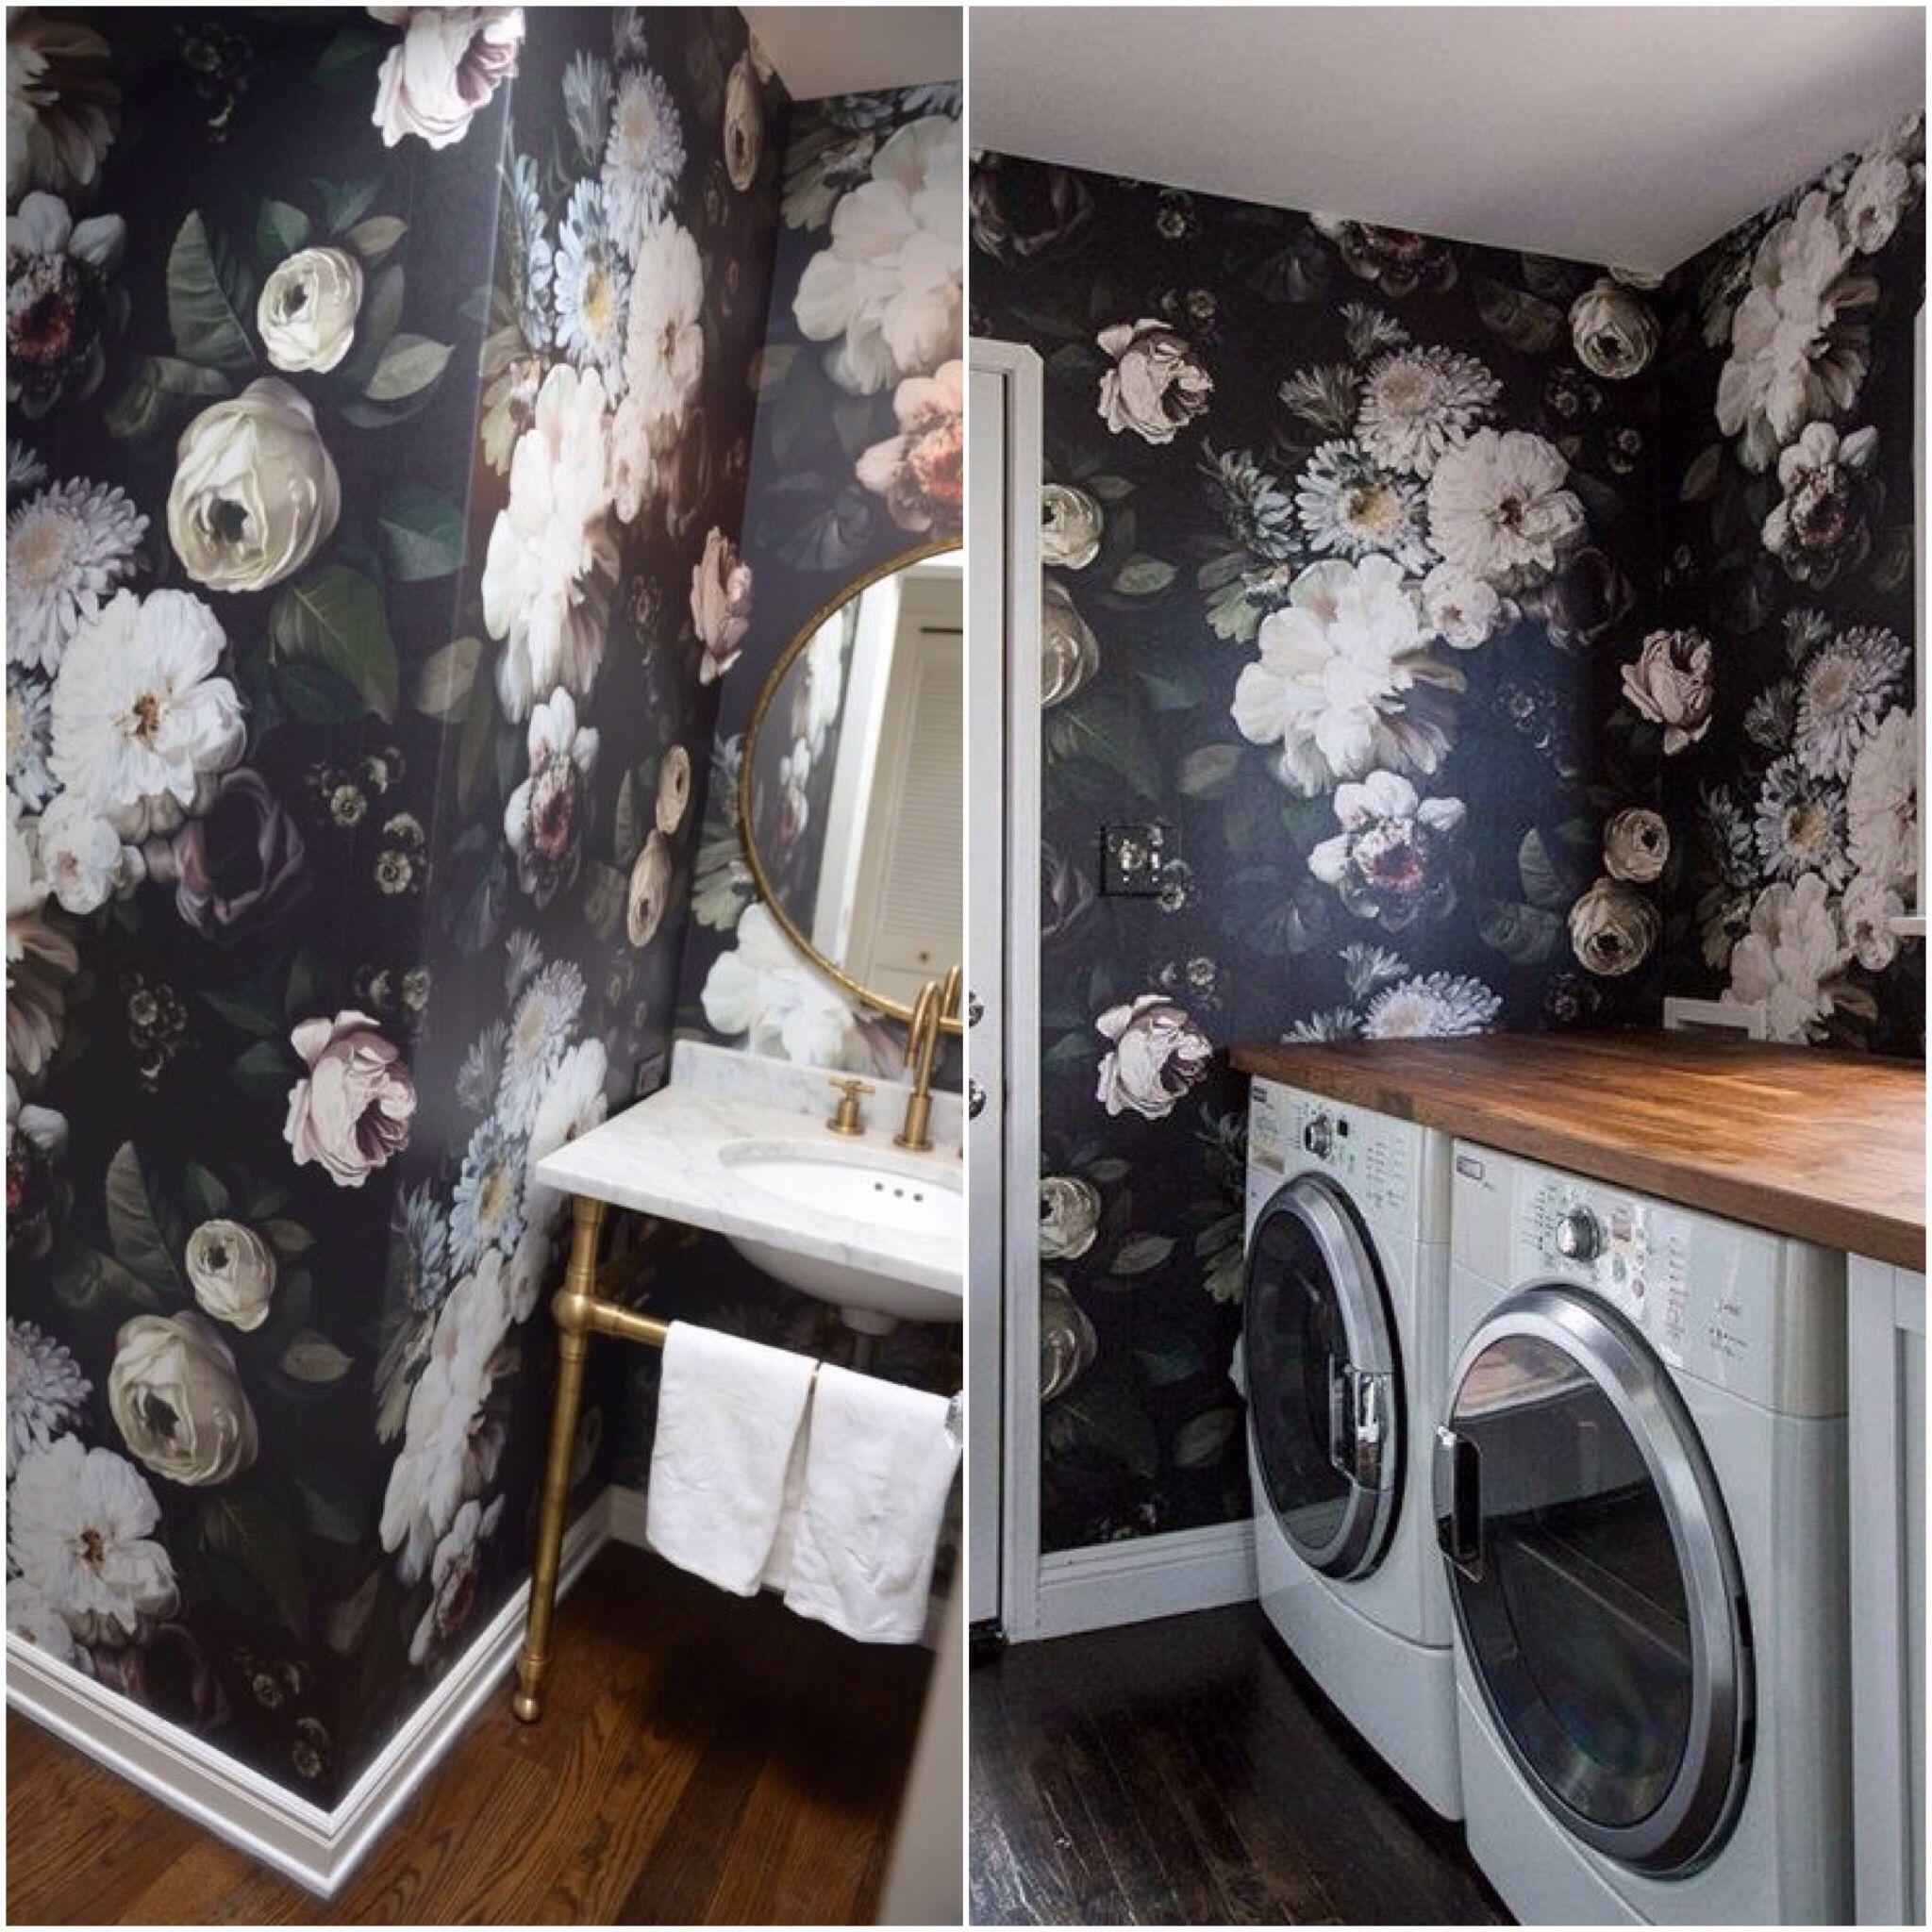 Floral Wallpaper In Bathroom Laundry Room Appartment Pinterest - Porte placard coulissante jumelé avec serrurier bourg la reine